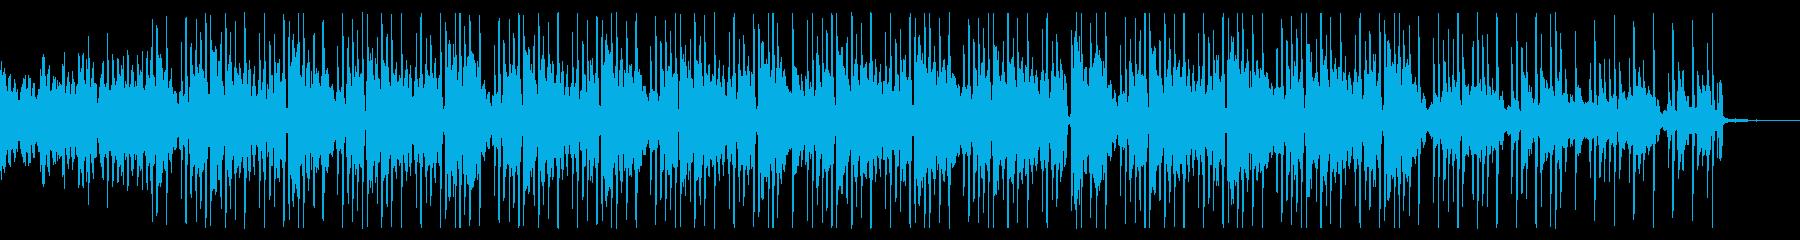 ゆったりと落ち着くLoFi系BGMの再生済みの波形